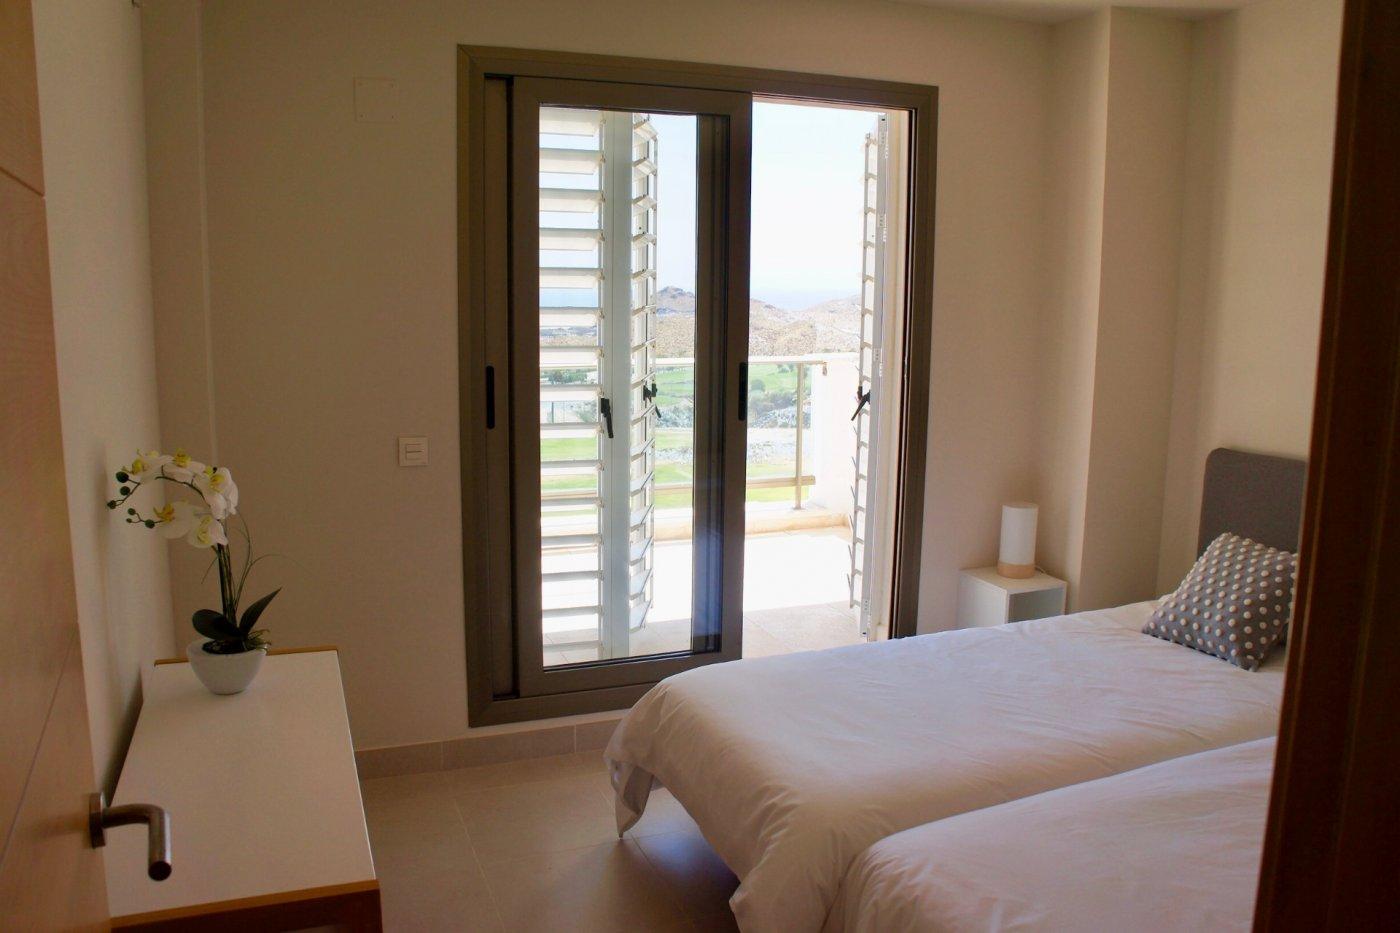 Galleribillede 3 of Sydvendt 3 værelses, 2 bad lejlighed med panorama udsigt og 83 m2 tagterrasse